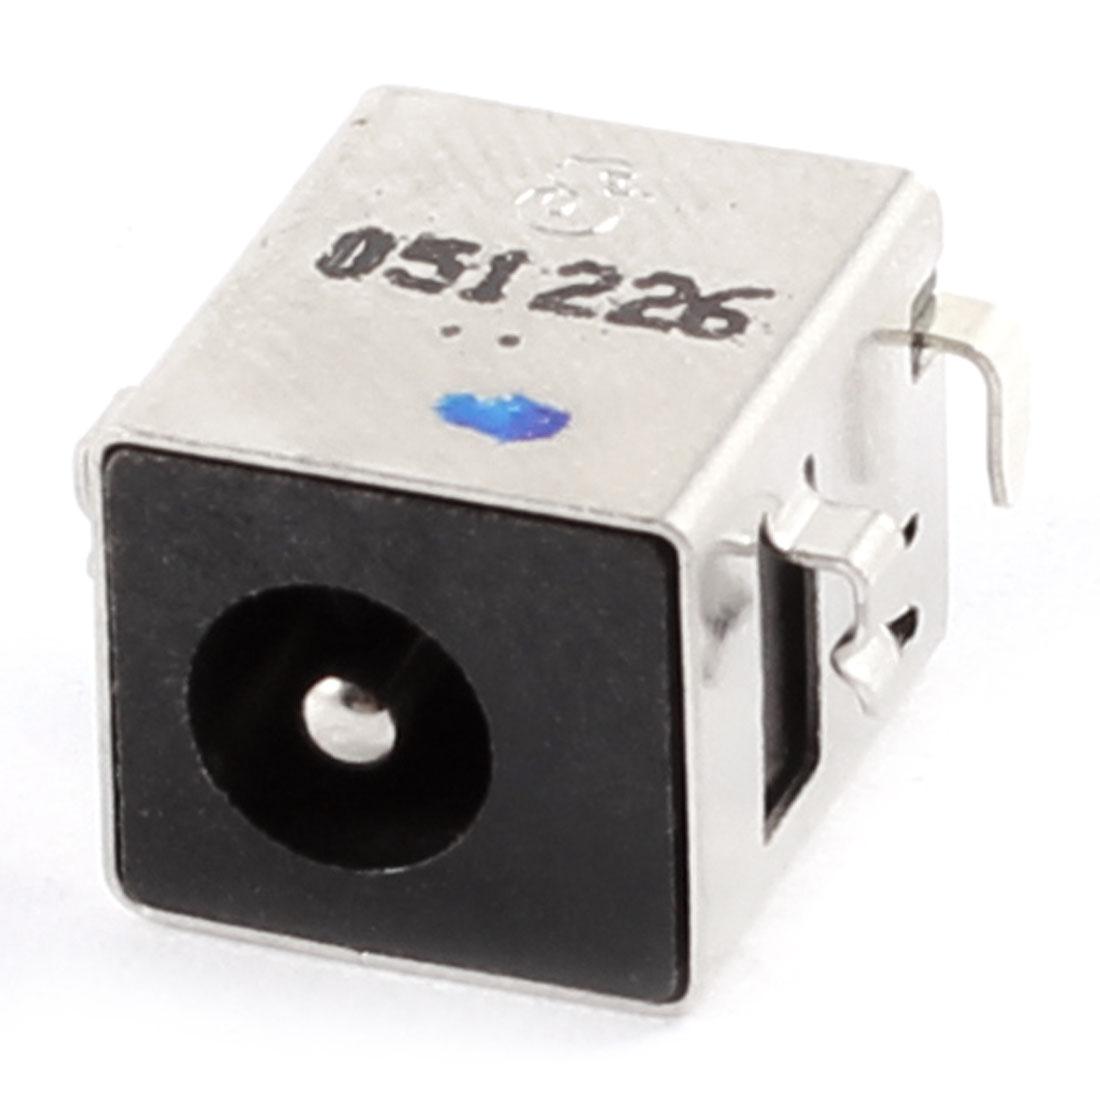 PJ017 DC Power Jack for COMPAQ Presario V4000 V4100 V4200 V4300 V4400 Series